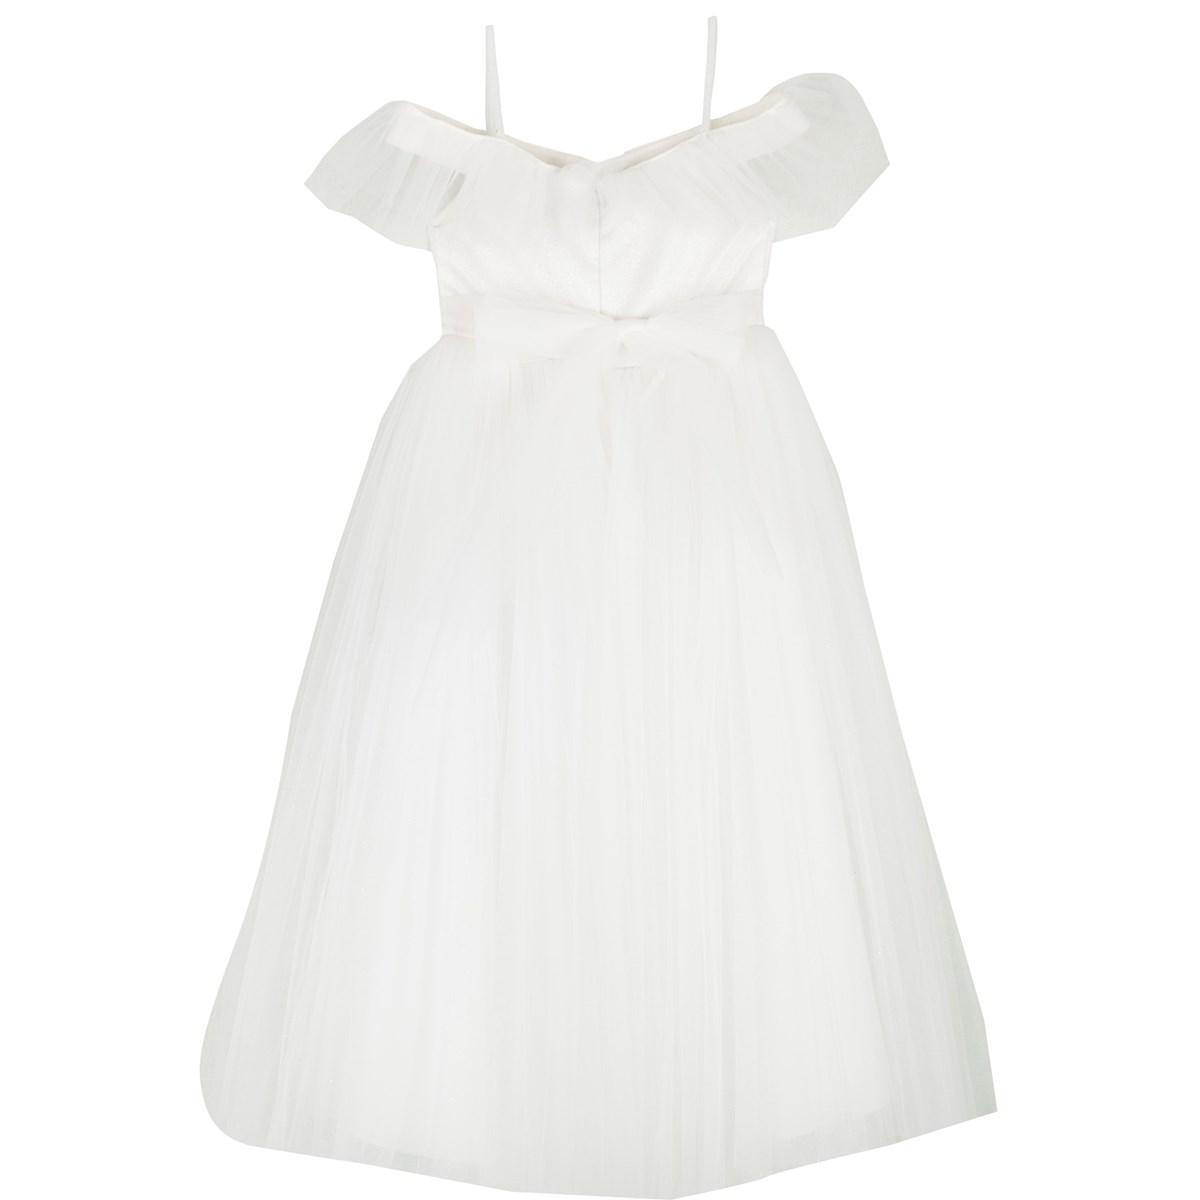 9352 Beyaz Kostüm 2